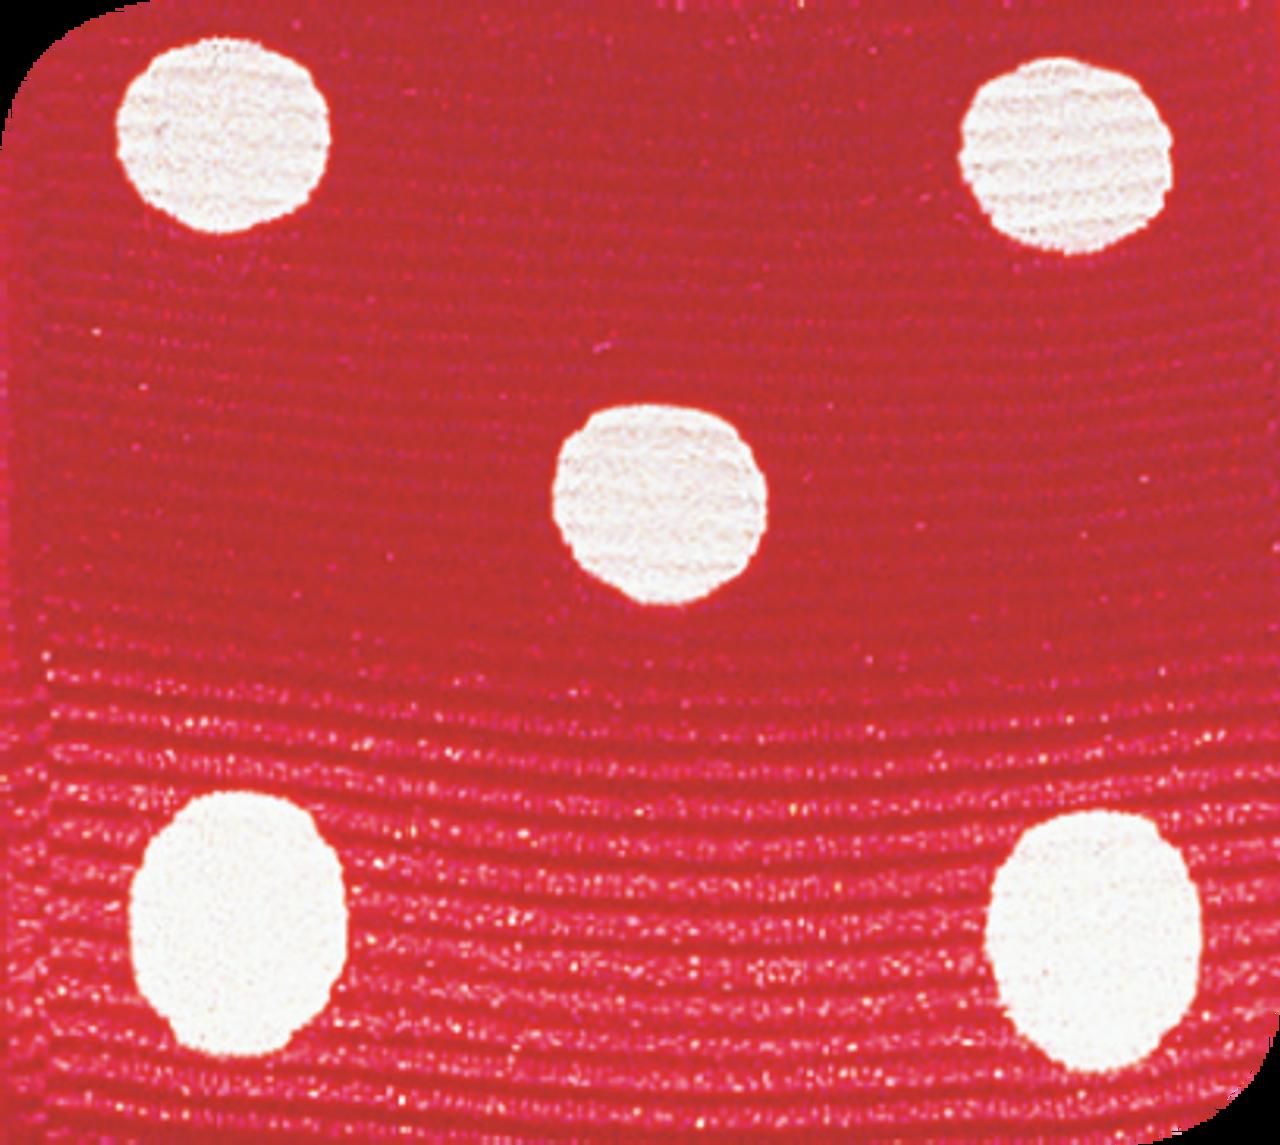 Red & White Grosgrain Polka Dots